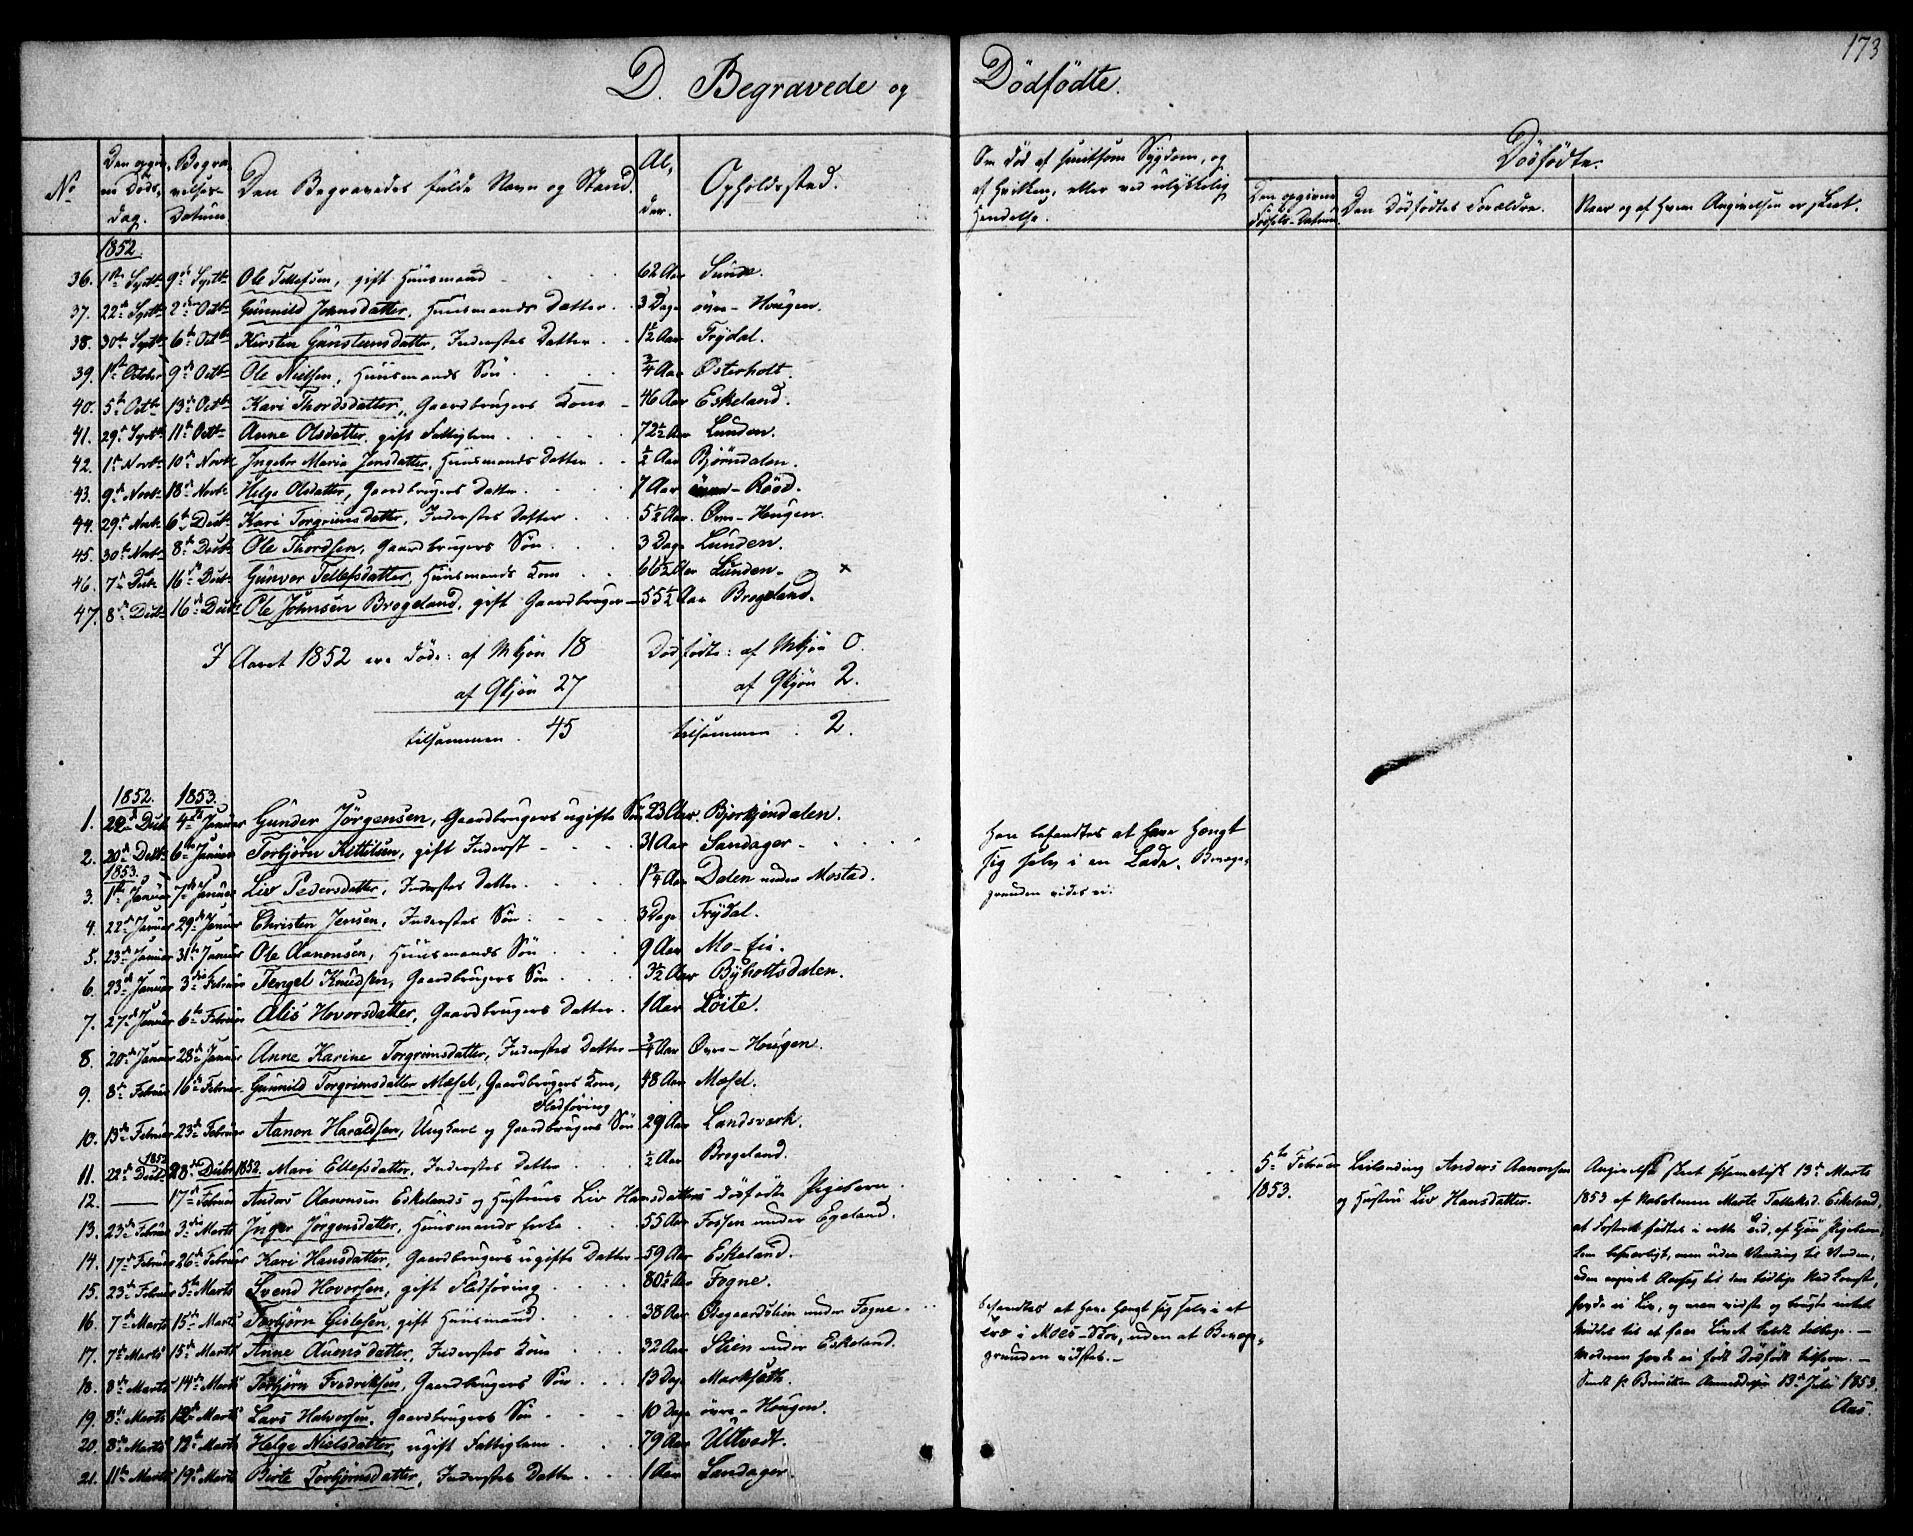 SAK, Gjerstad sokneprestkontor, F/Fa/Faa/L0006: Ministerialbok nr. A 6, 1841-1857, s. 173